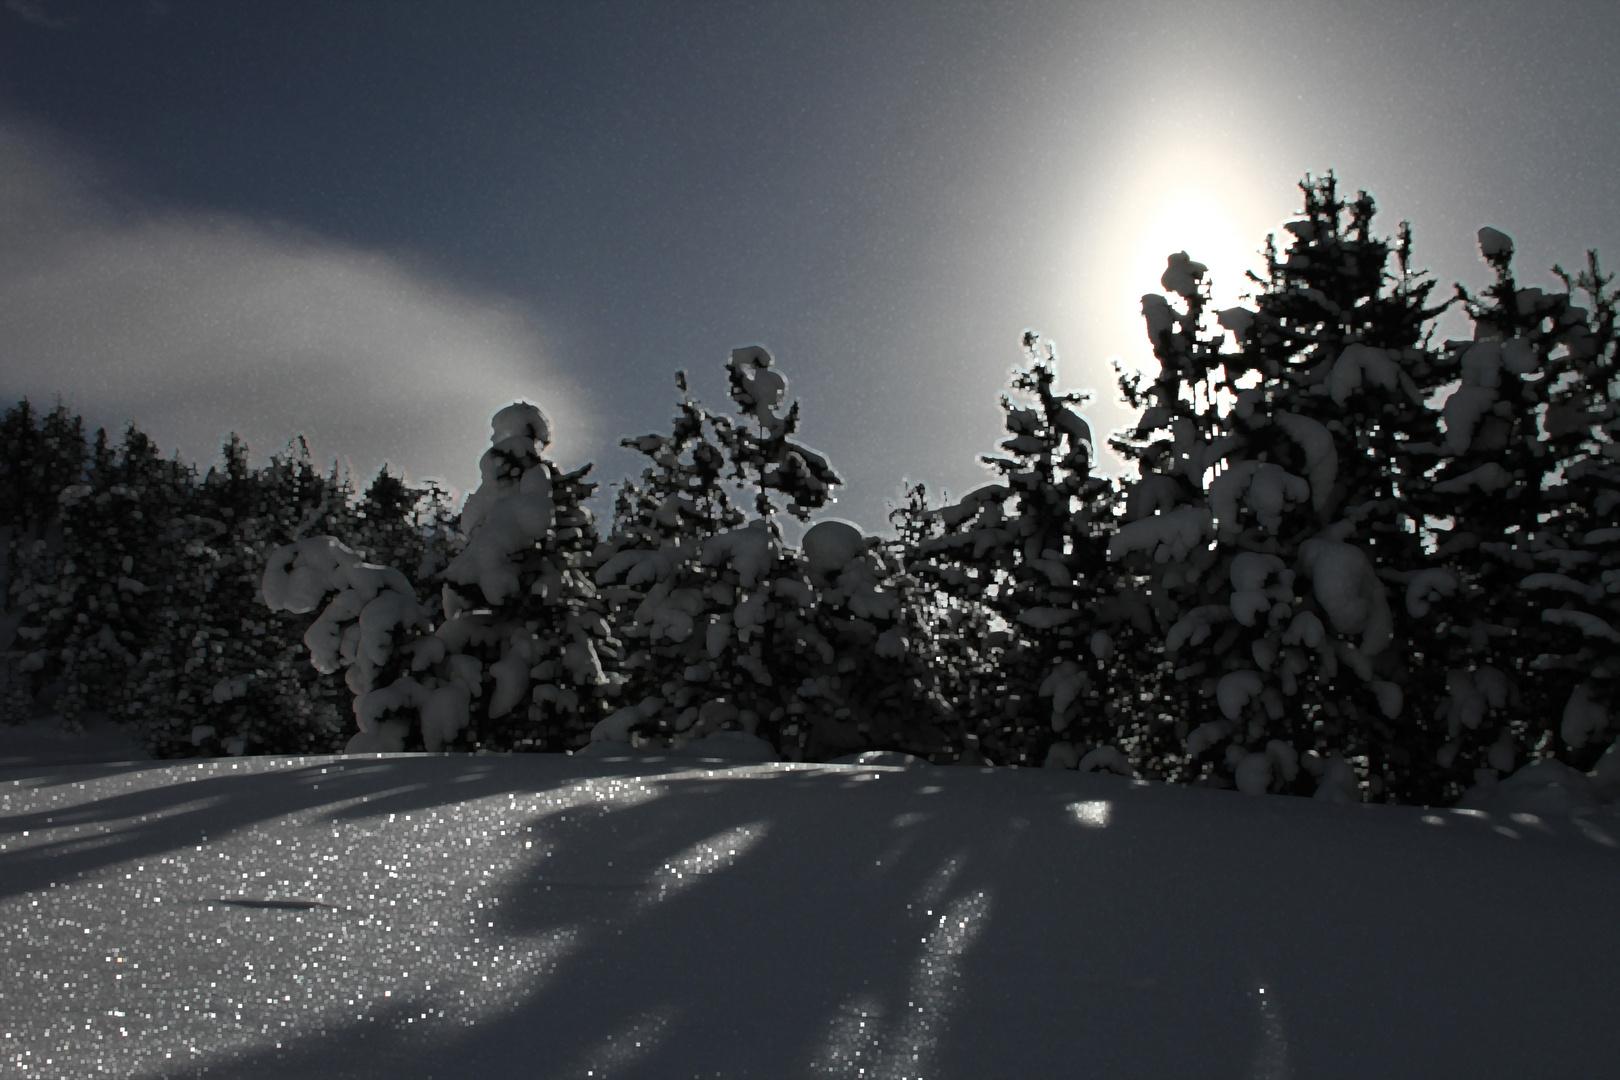 Da leuchten die Sterne im Schnee